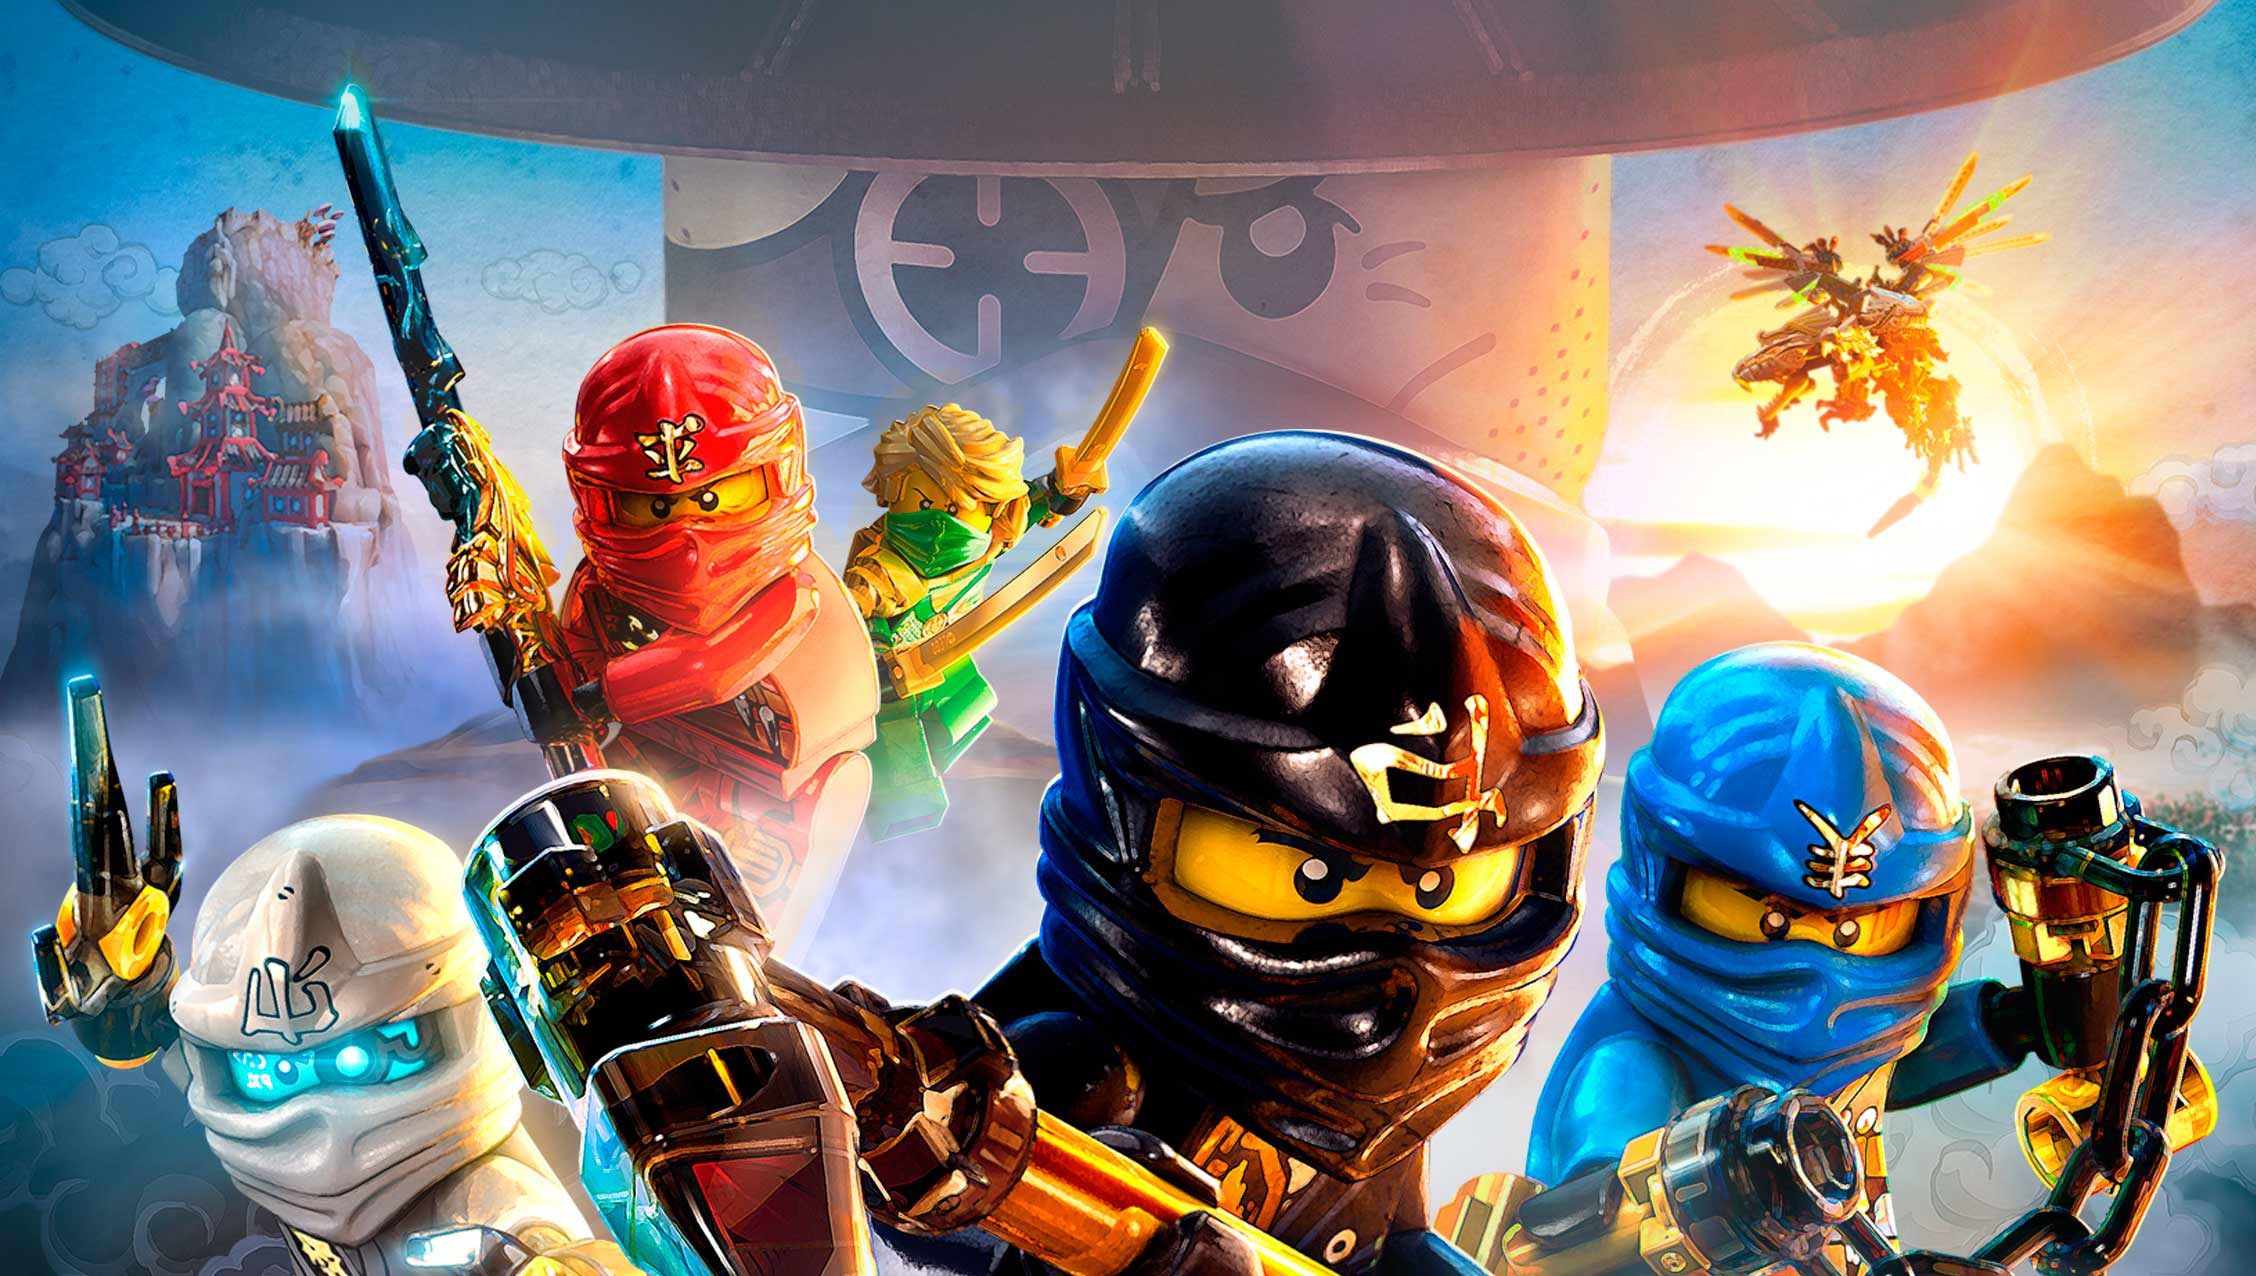 El juego de la lego ninjago pel cula es oficial somosxbox - Ninjago jeux gratuit ...